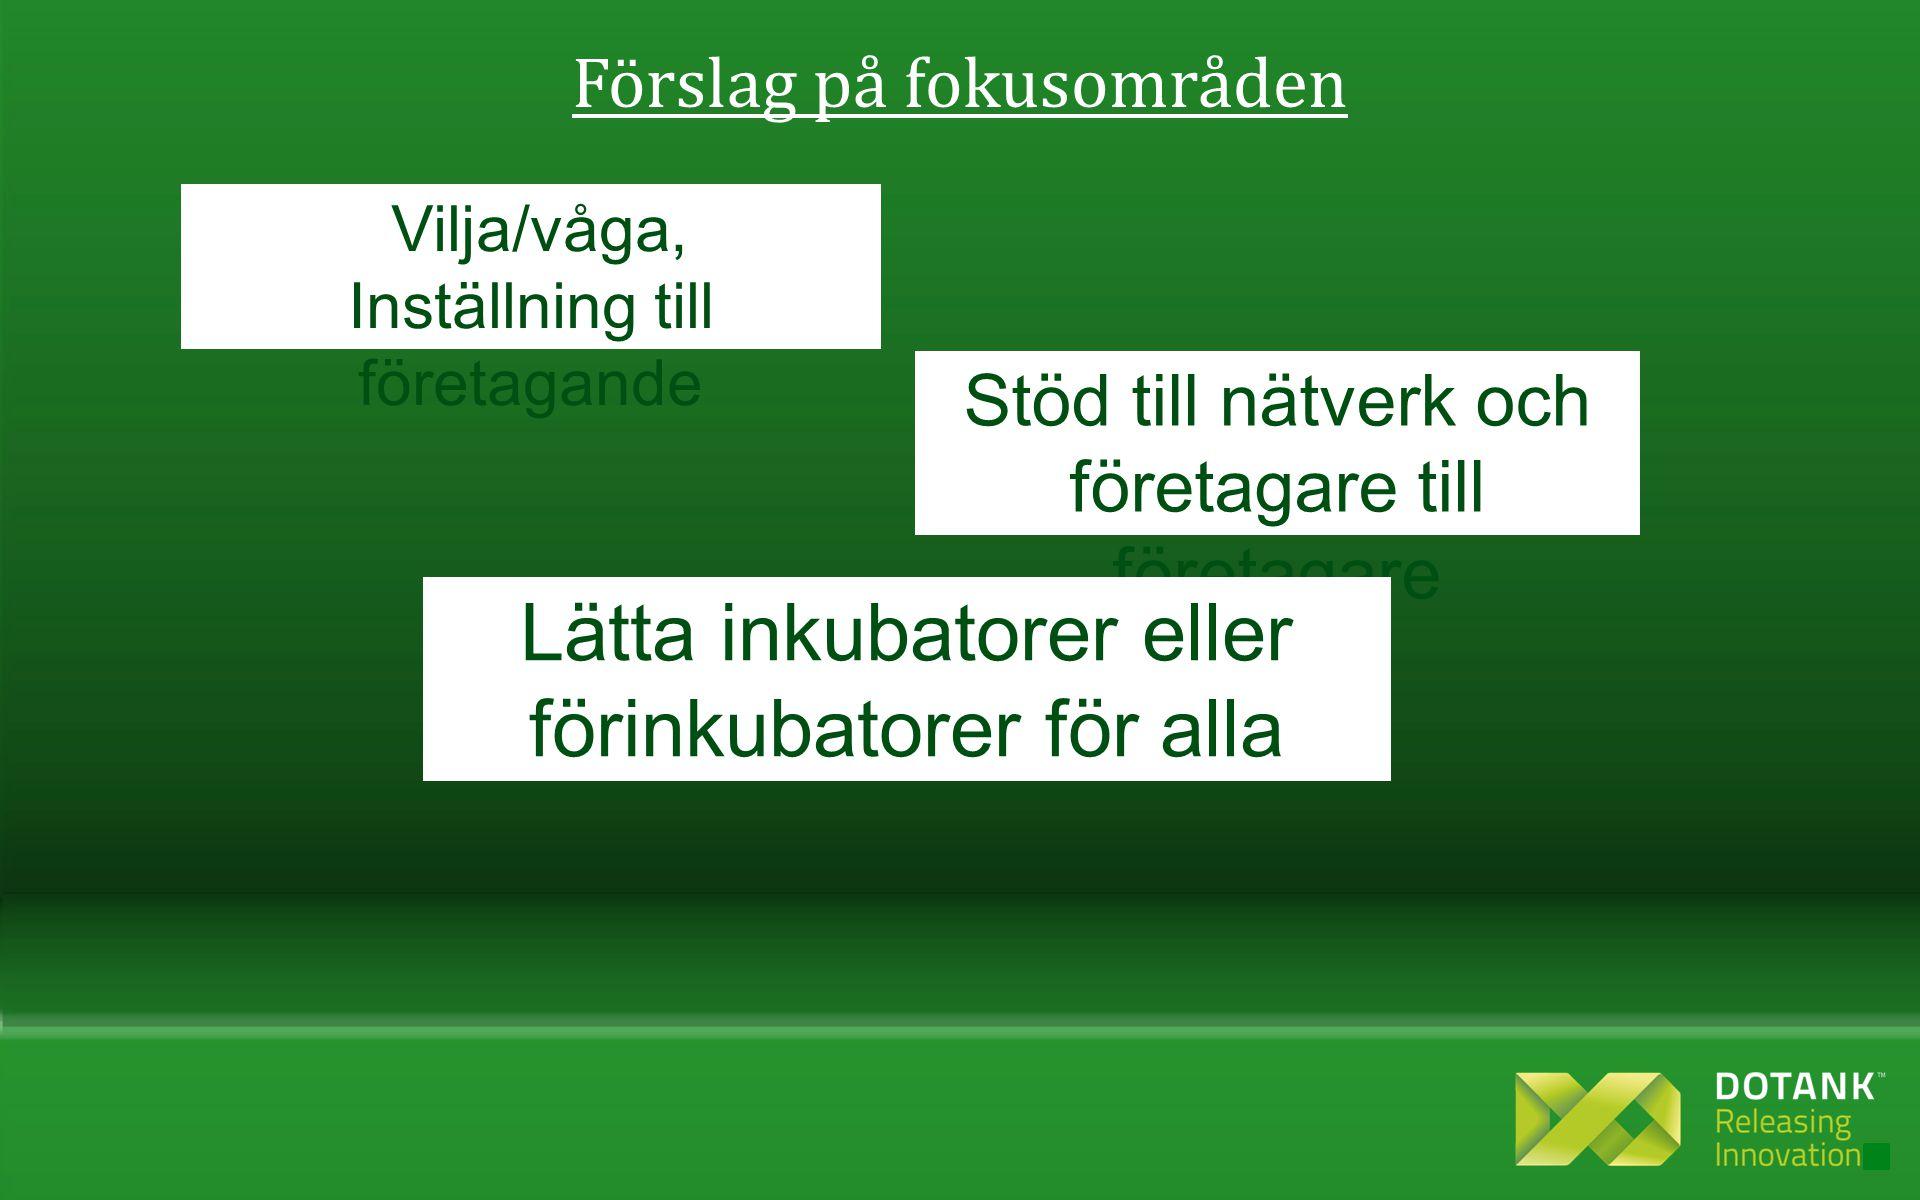 Förslag på fokusområden Vilja/våga, Inställning till företagande Stöd till nätverk och företagare till företagare Lätta inkubatorer eller förinkubatorer för alla